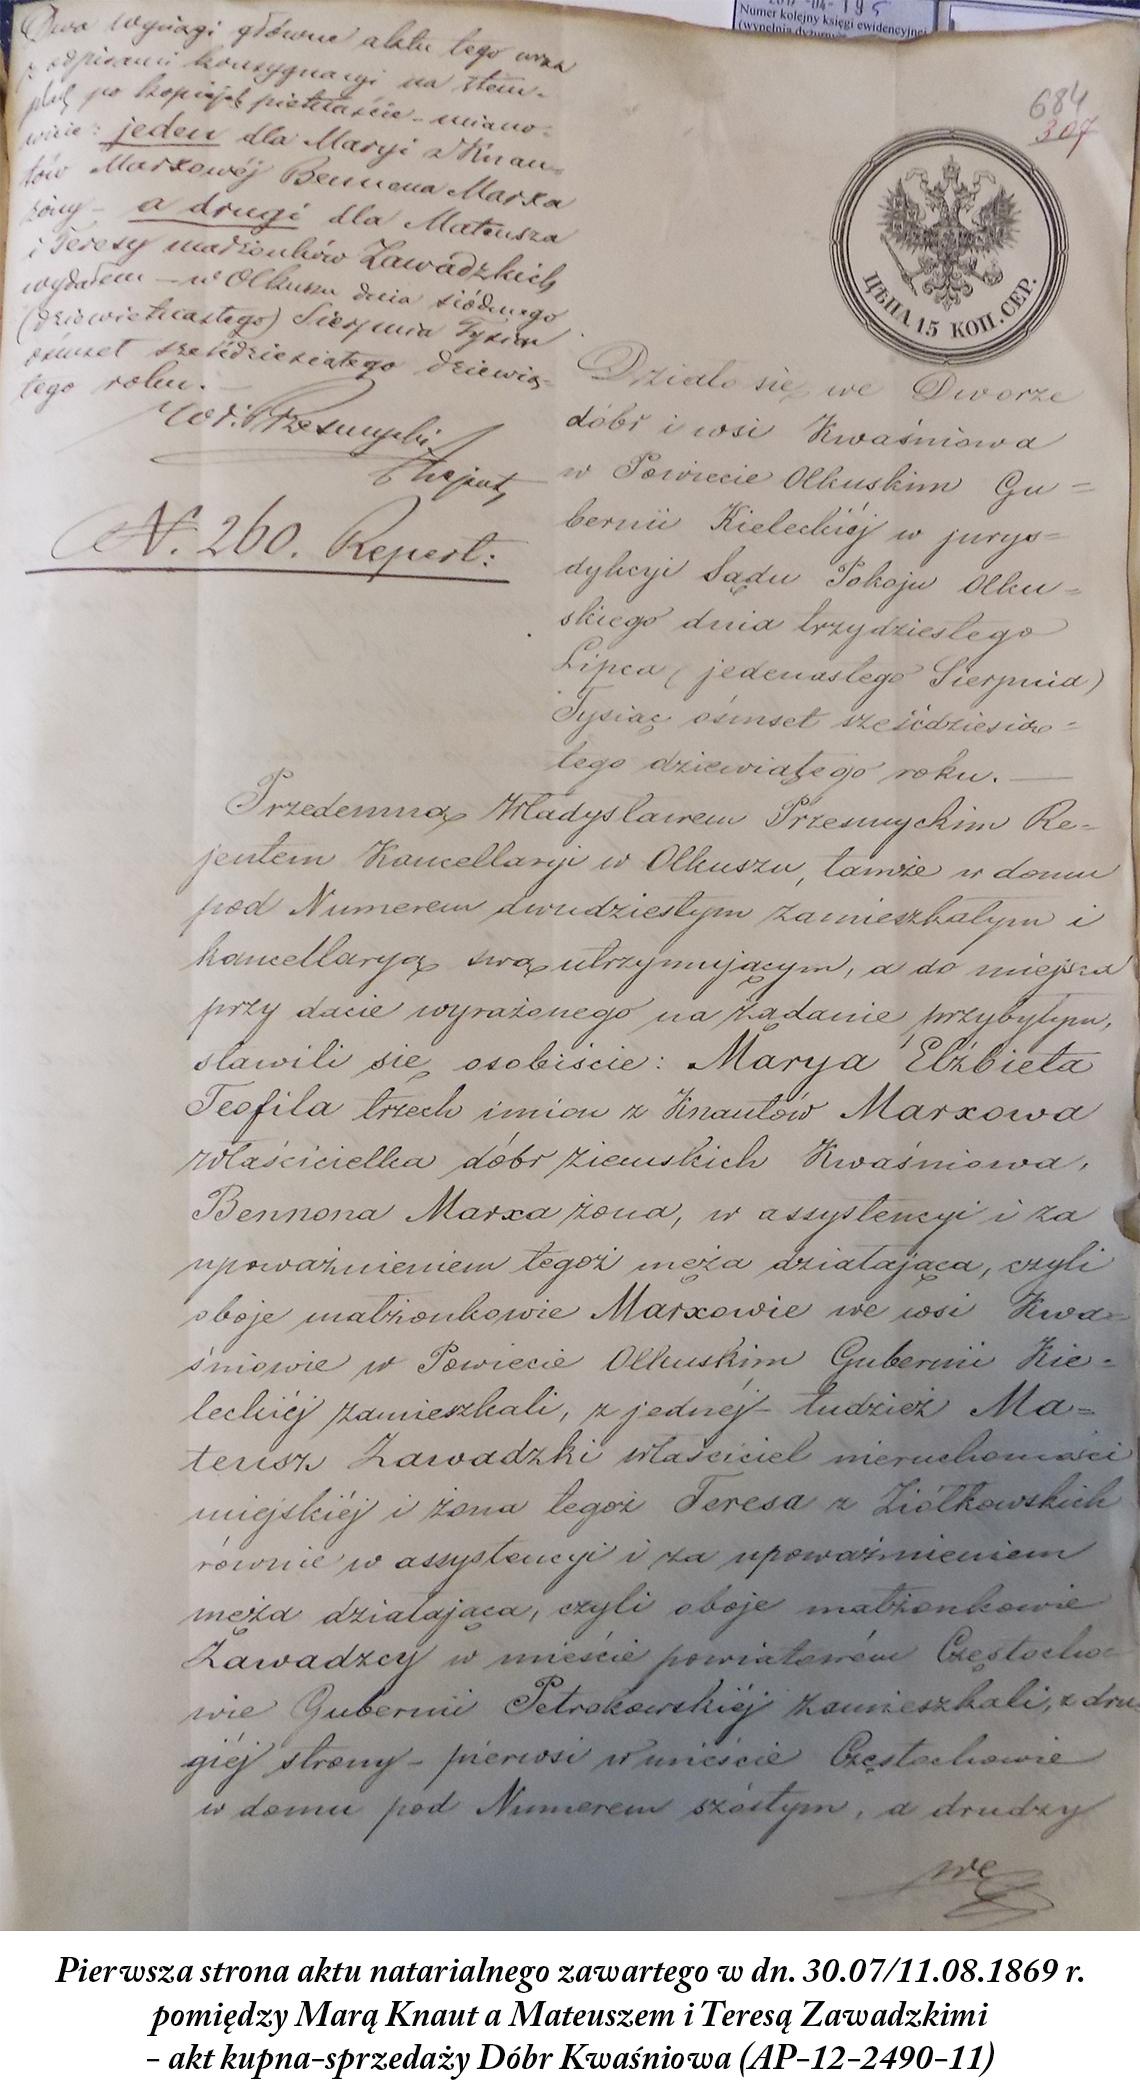 Maria Knaut & Mateusz i Teresa Zawadzcy - akt sprzedaży Dóbr Kwaśniowa 1869 r.